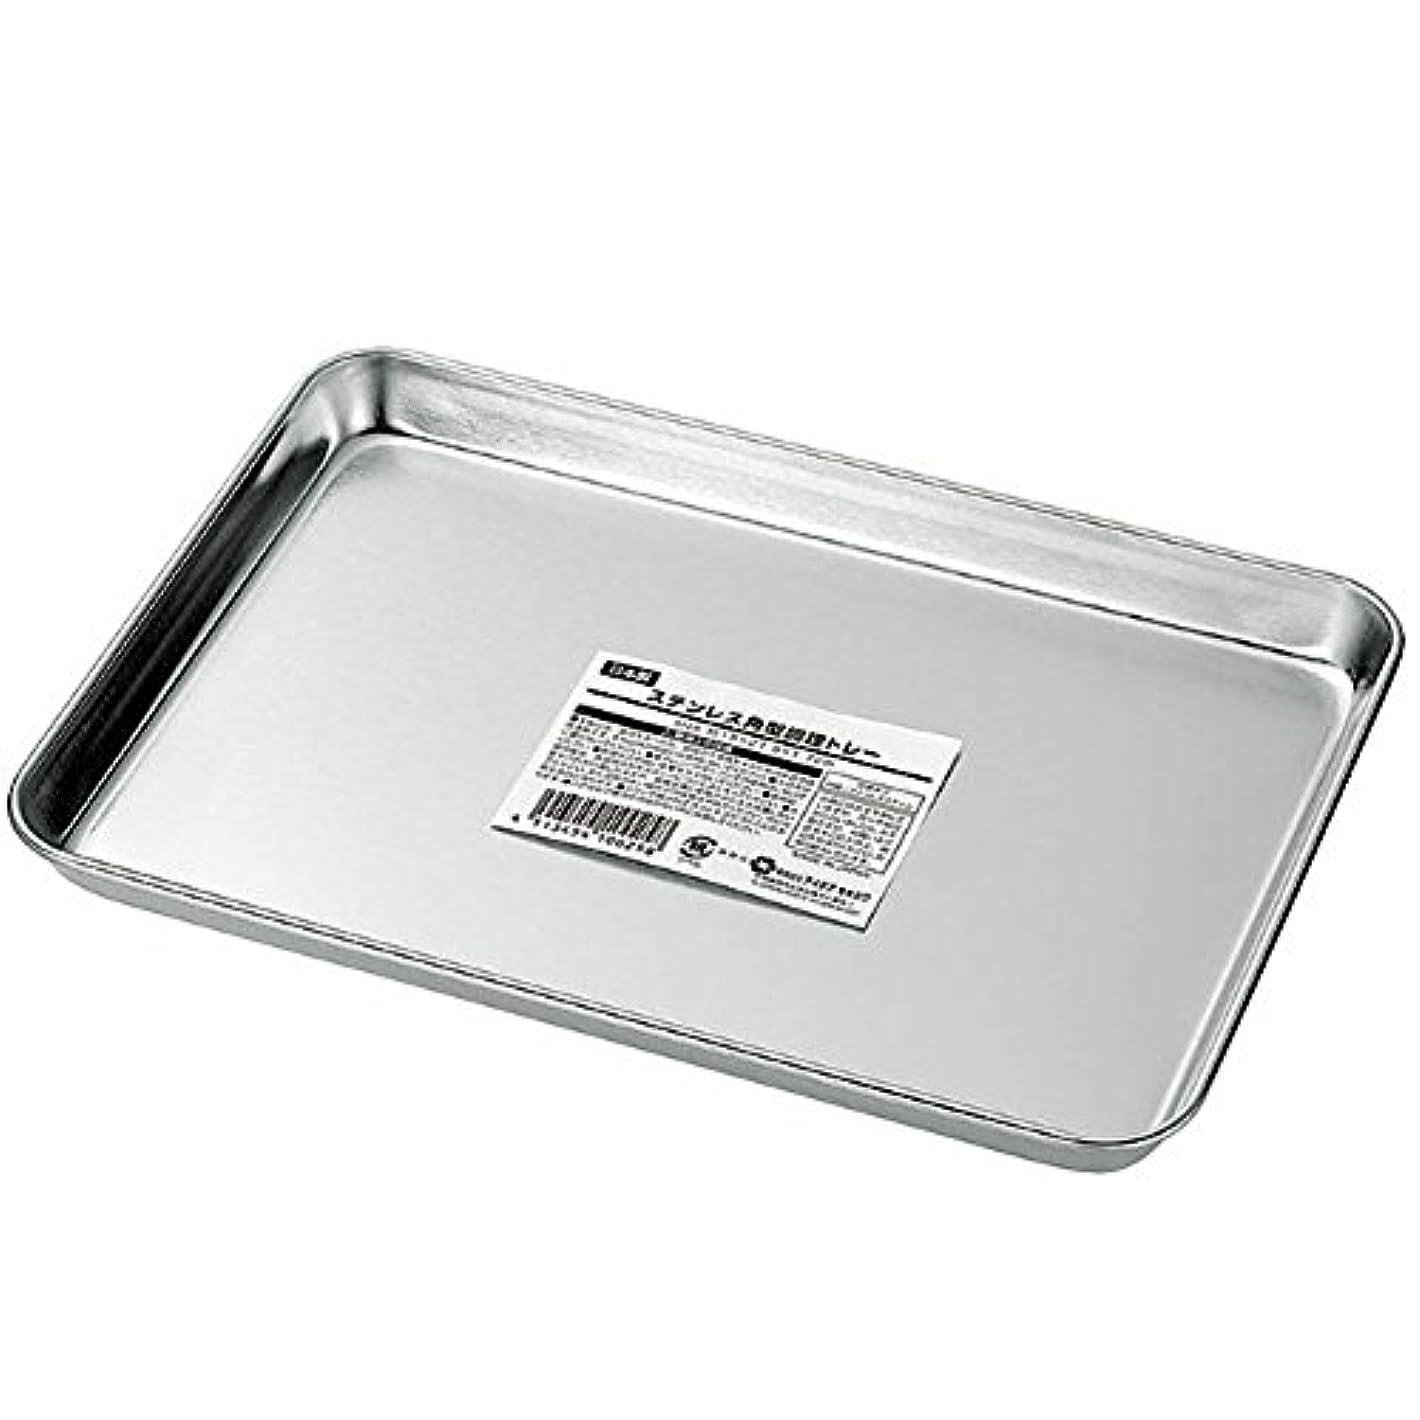 初期の膨らみ連隊エコー金属 ステンレス角型調理トレー 0321-099